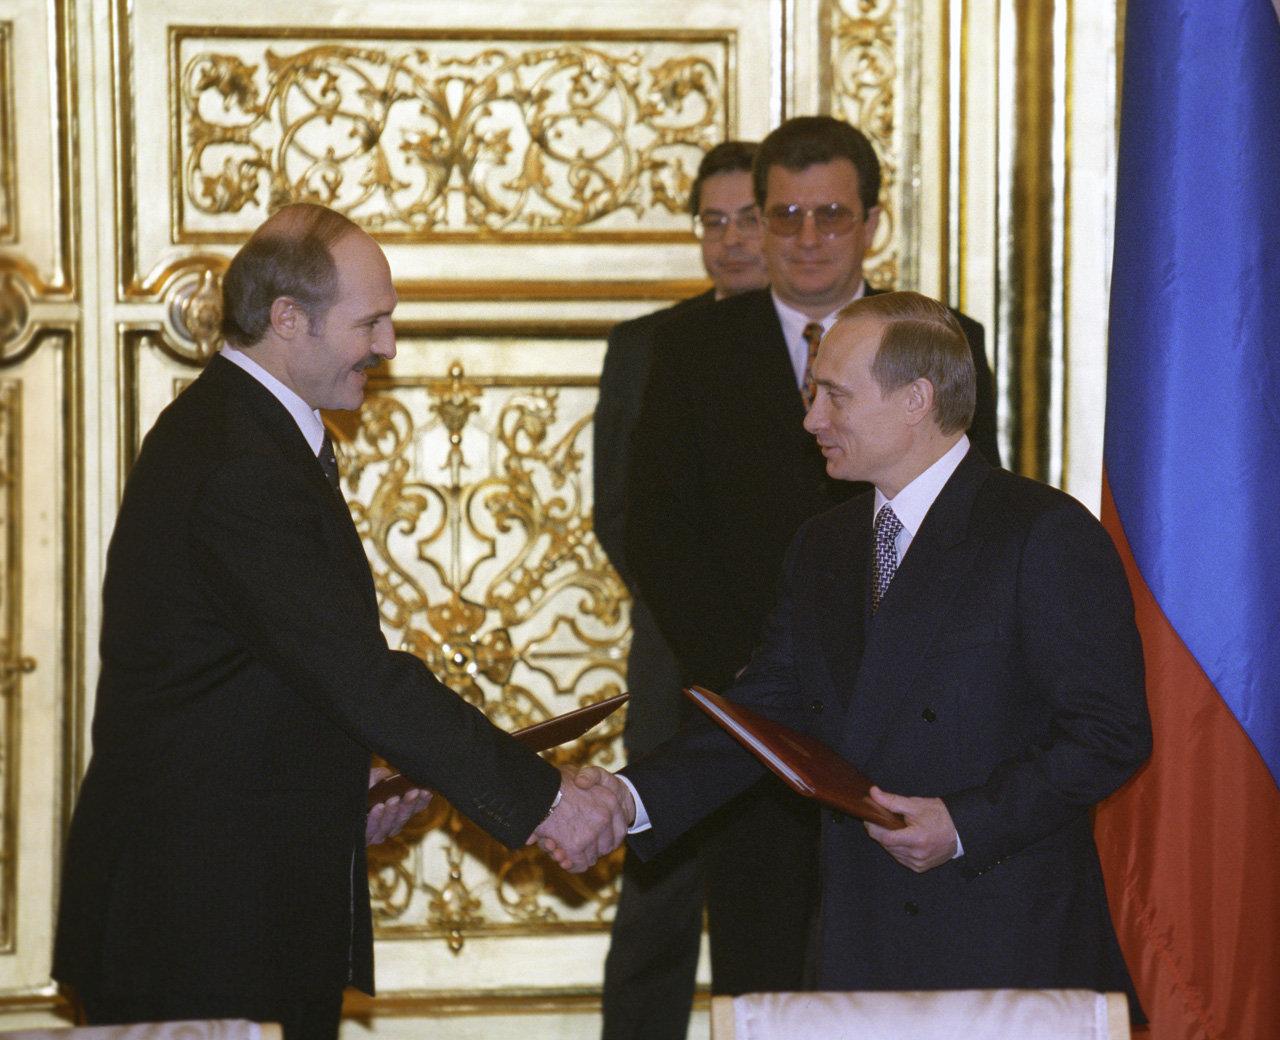 И.о. президента РФ Владимир Путин и президент Республики Беларусь Александр Лукашенко обменялись ратификационными грамотами о создании союзного государства России и Беларуси